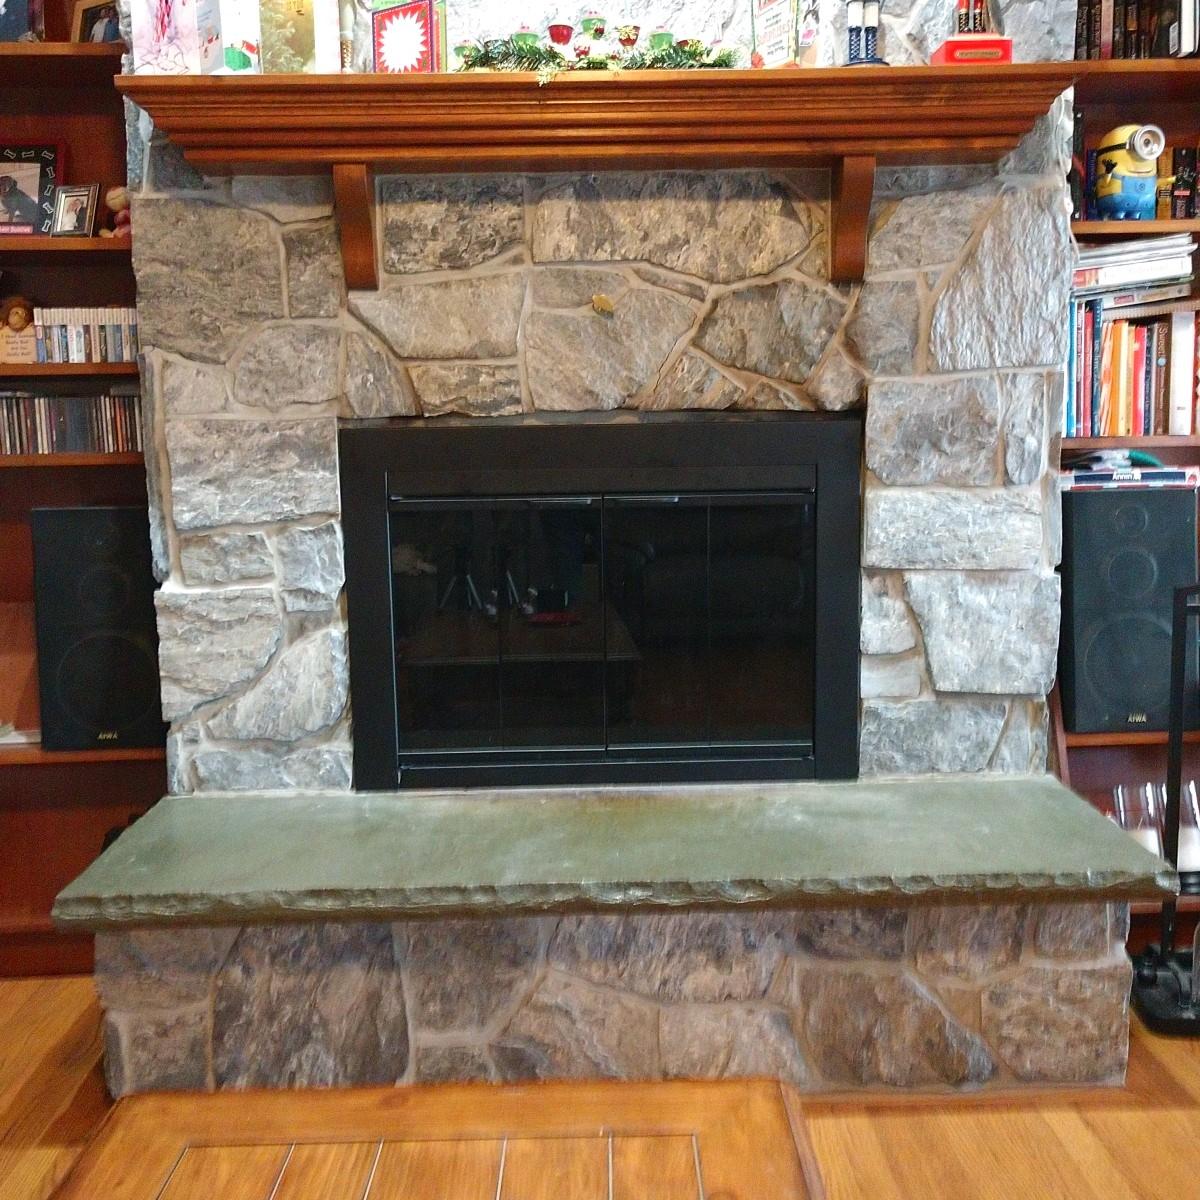 Masonry Fireplace with Mantel